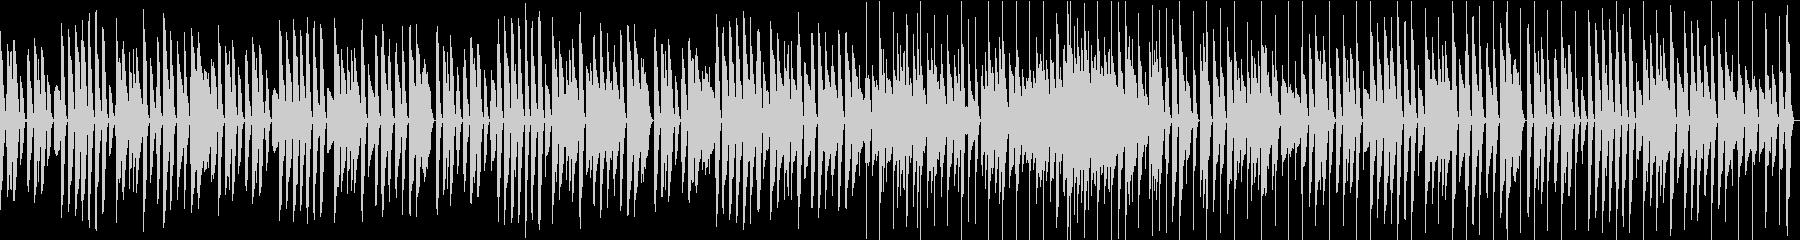 脱力・アコースティックピアノのコミカル曲の未再生の波形